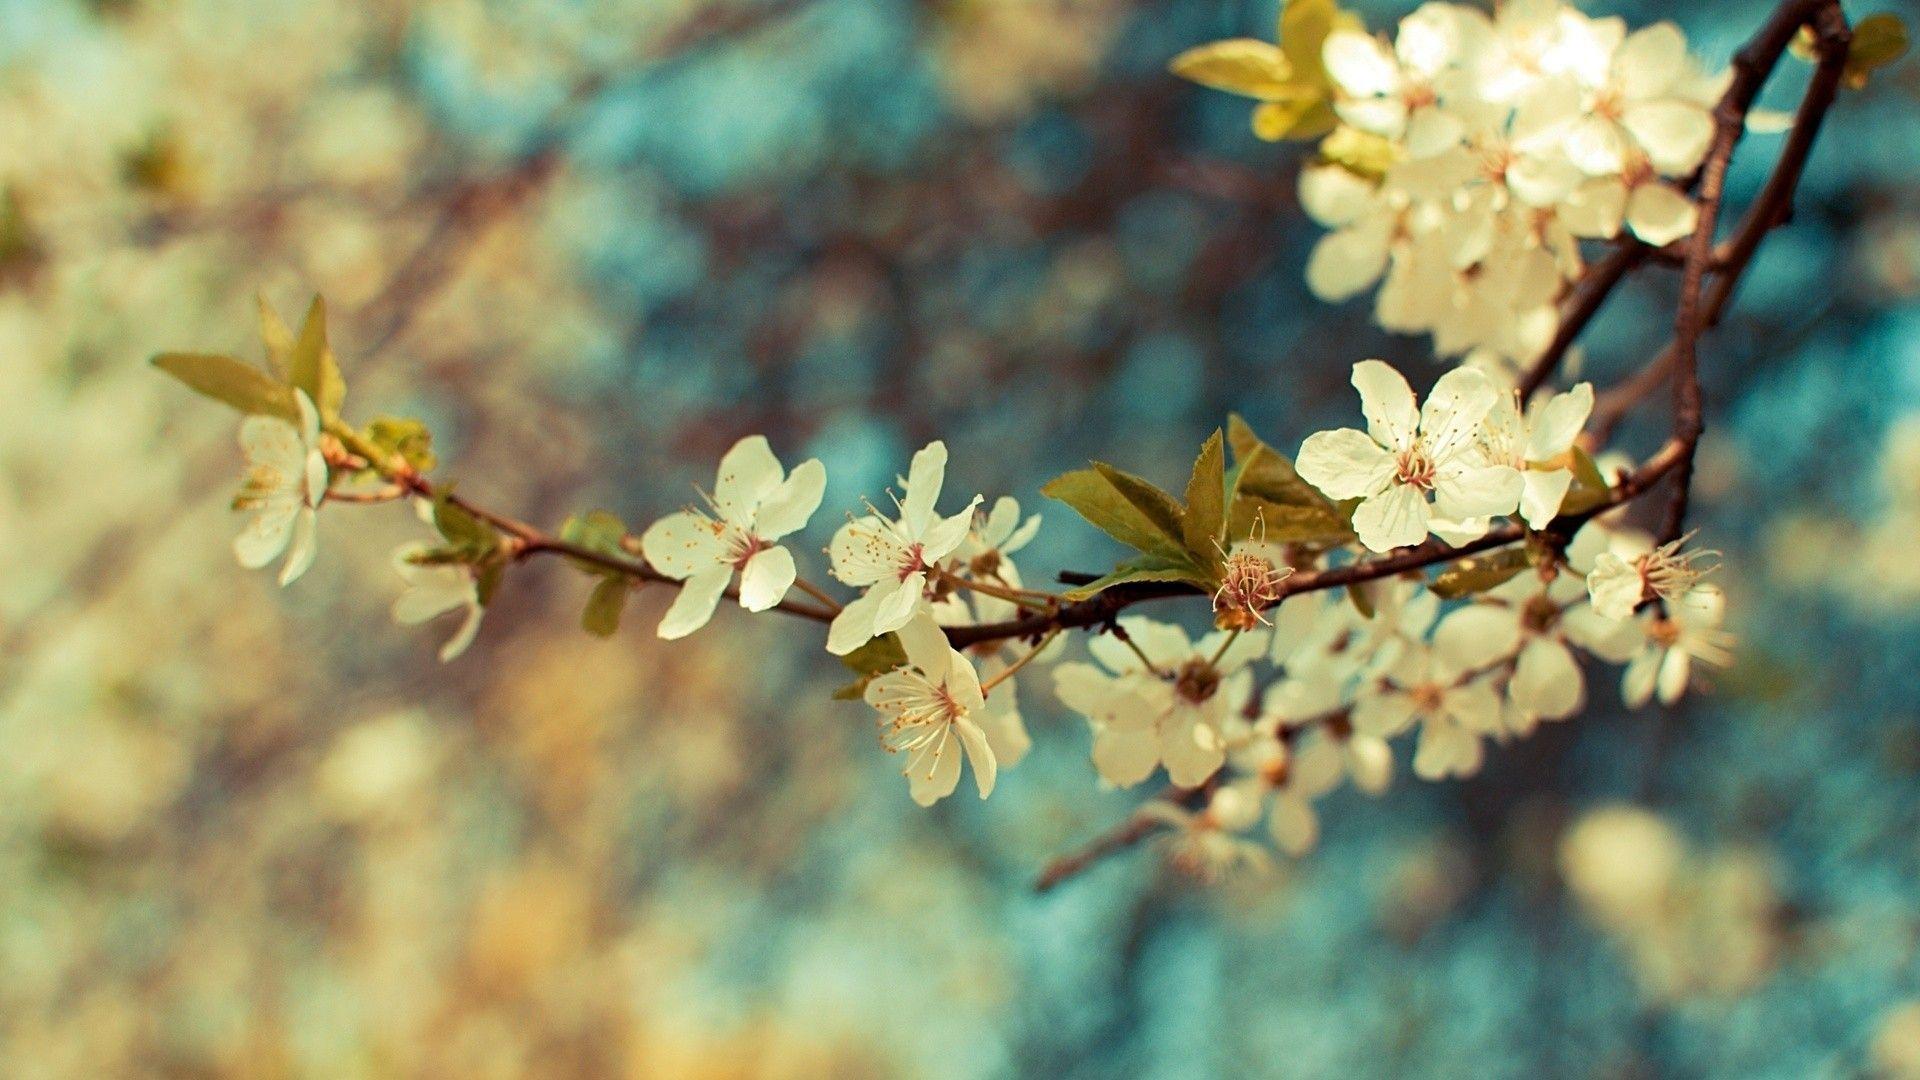 Top best Flower wallpaper ideas on Pinterest Screensaver